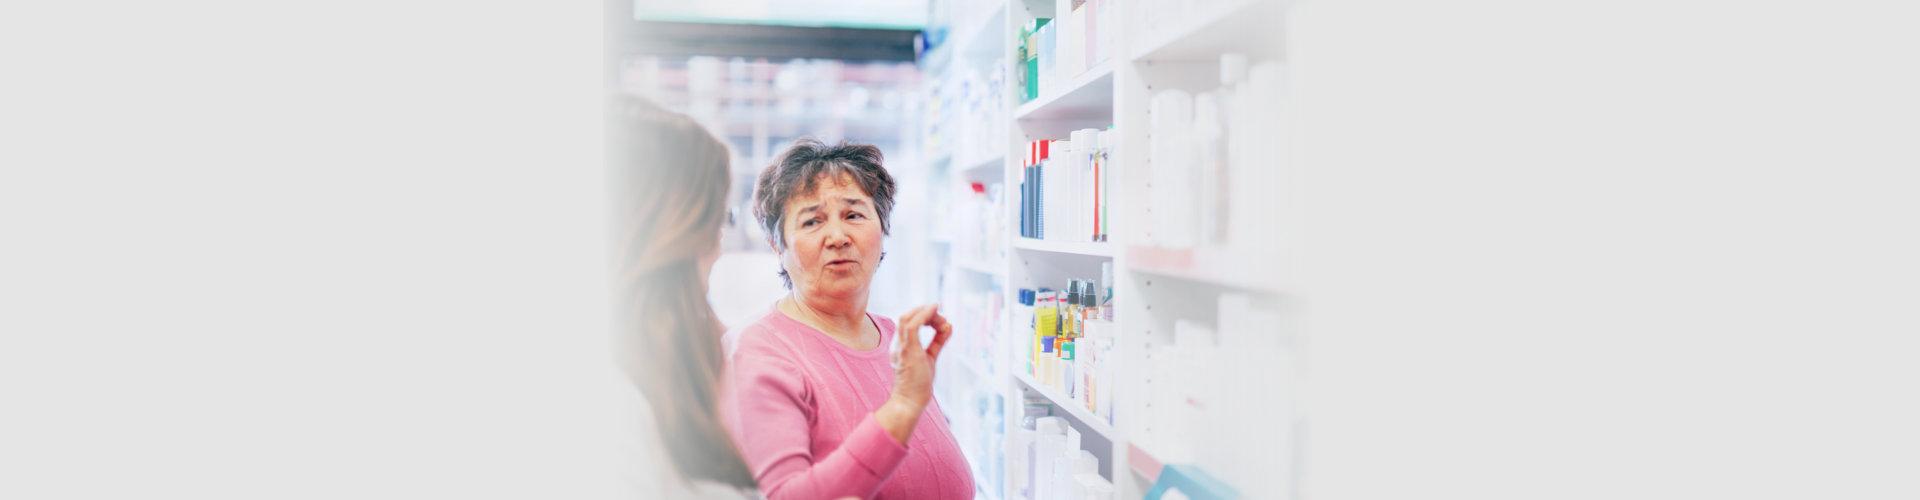 pharmacist discusses medication assortment with senior customer beside pharmacy shelf